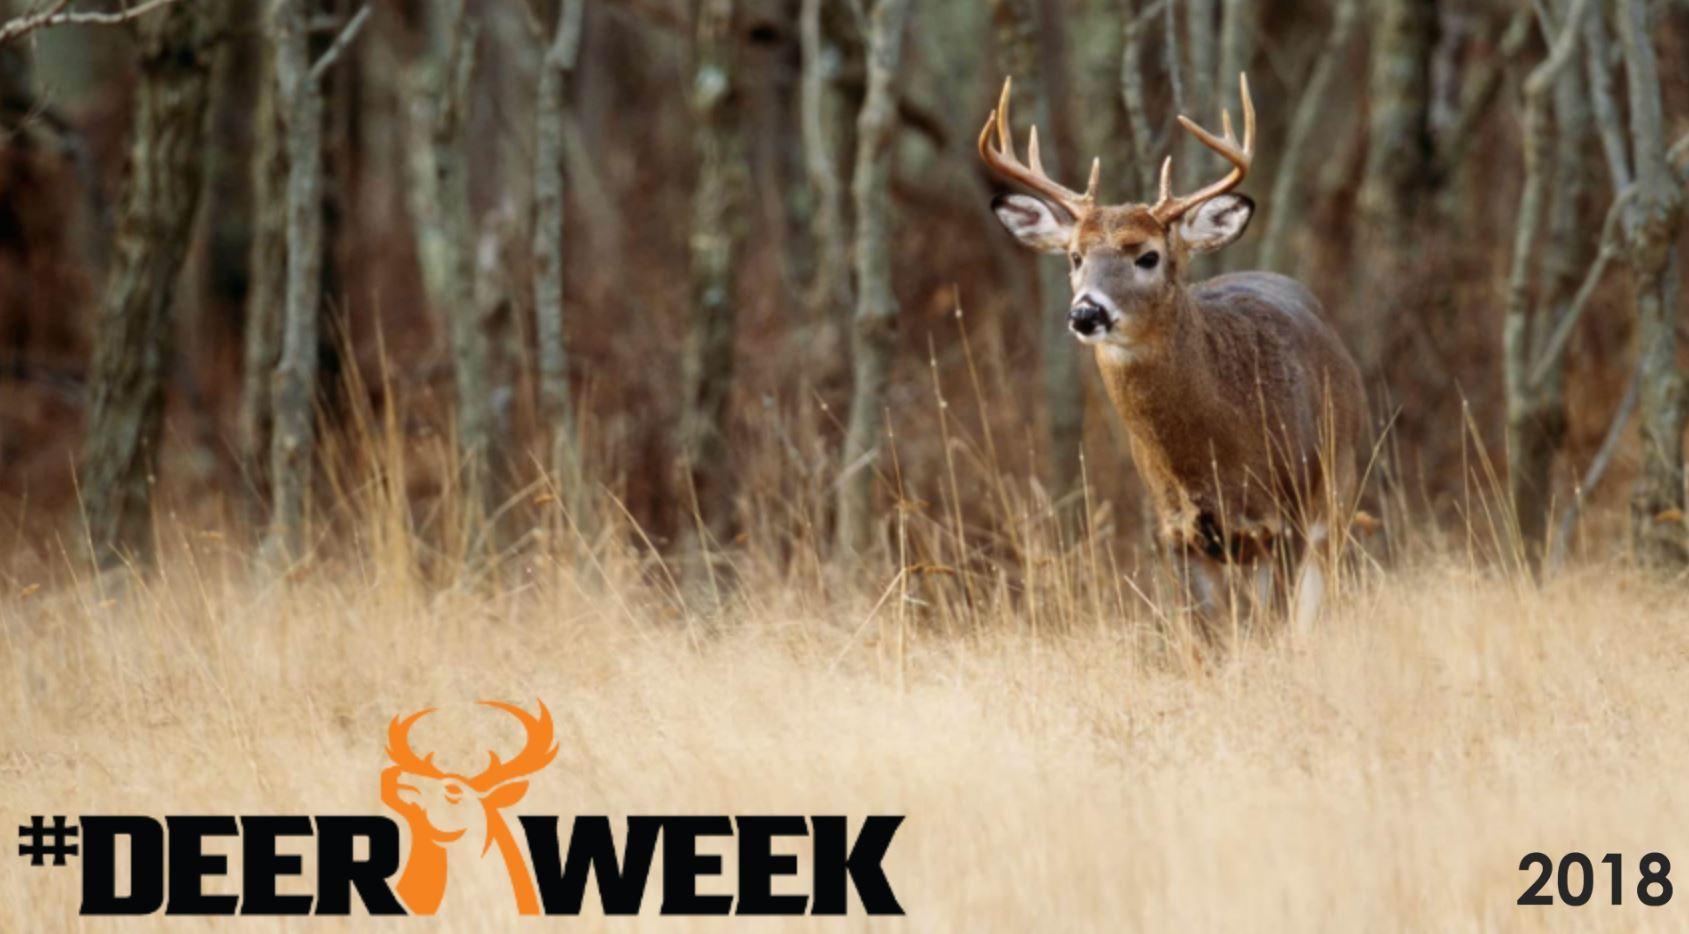 Deer Week